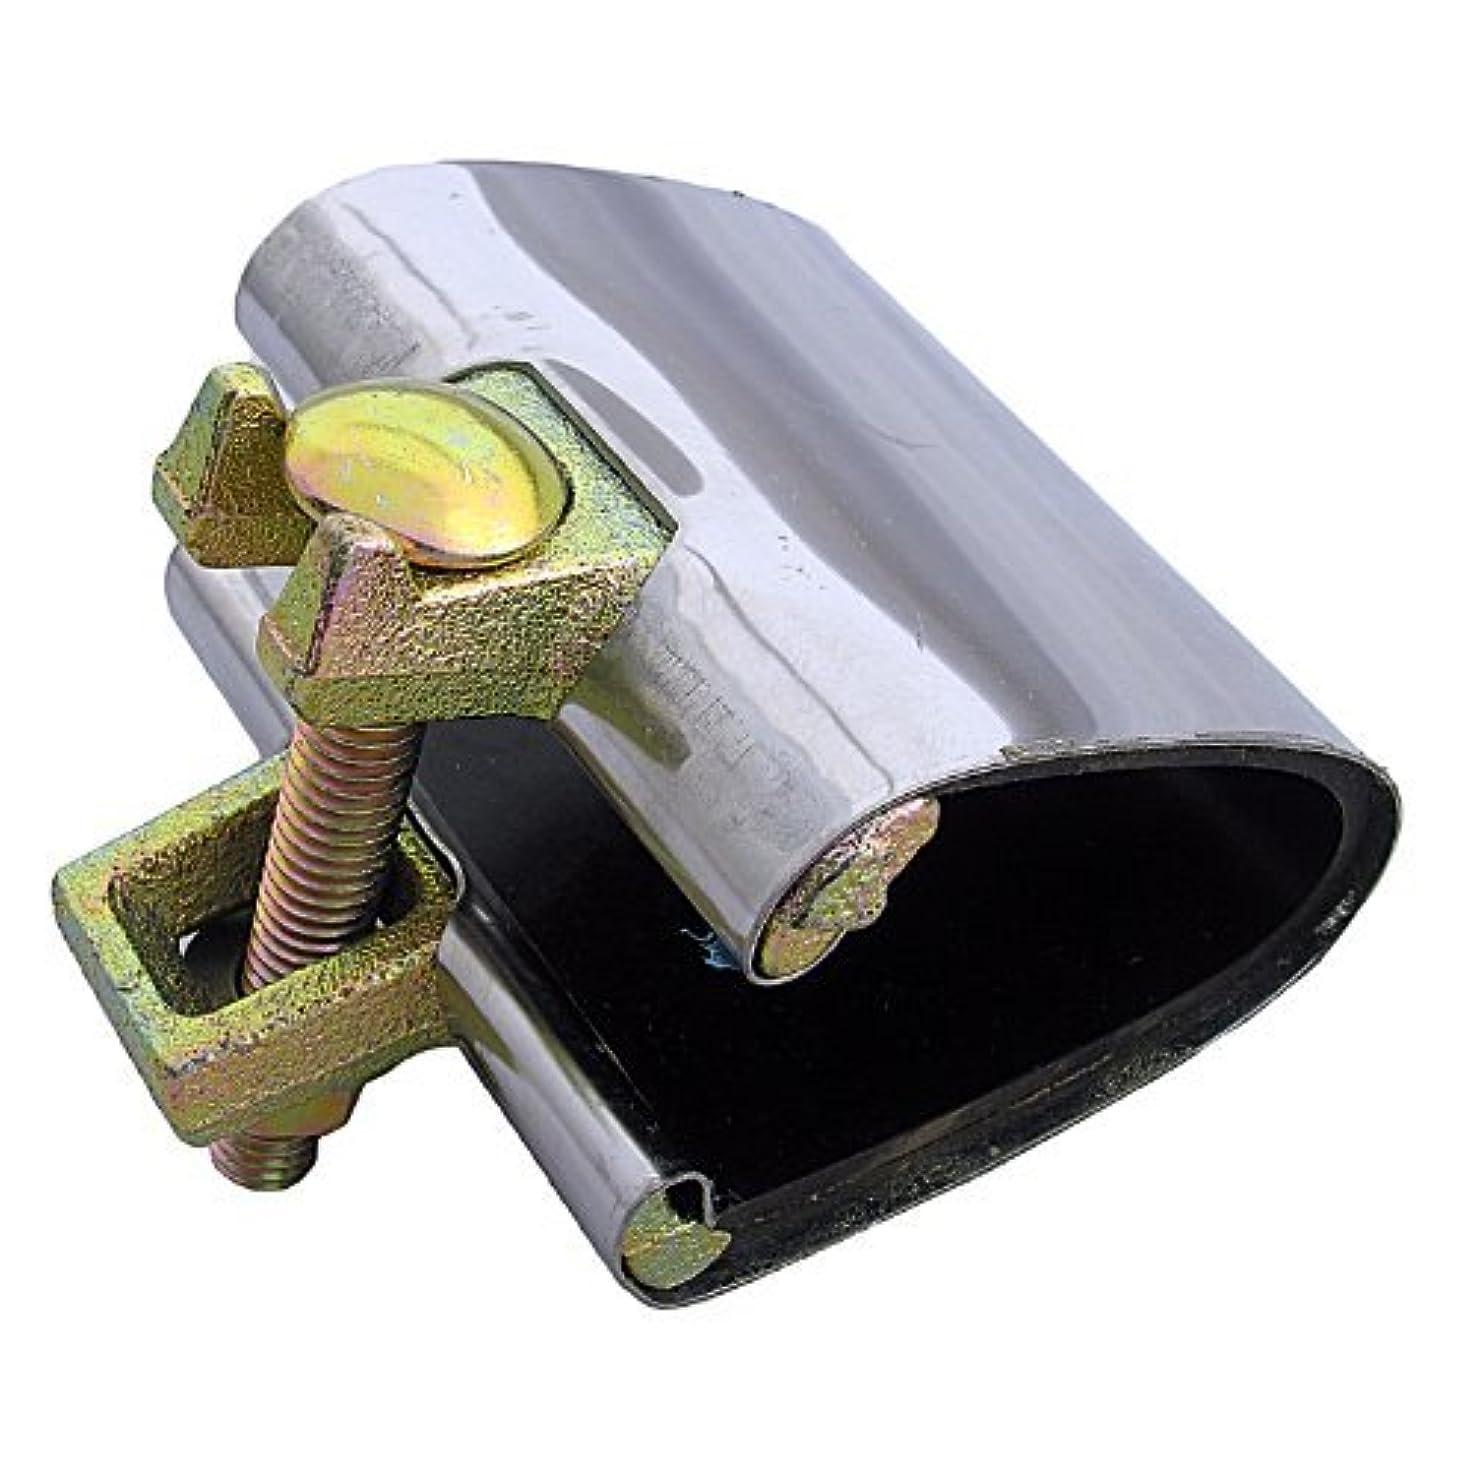 団結ありふれたピンLASCO 13-1308 Stainless Steel One-Piece Pipe Repair Clamp with Single Bolt, 3-Inch [並行輸入品]